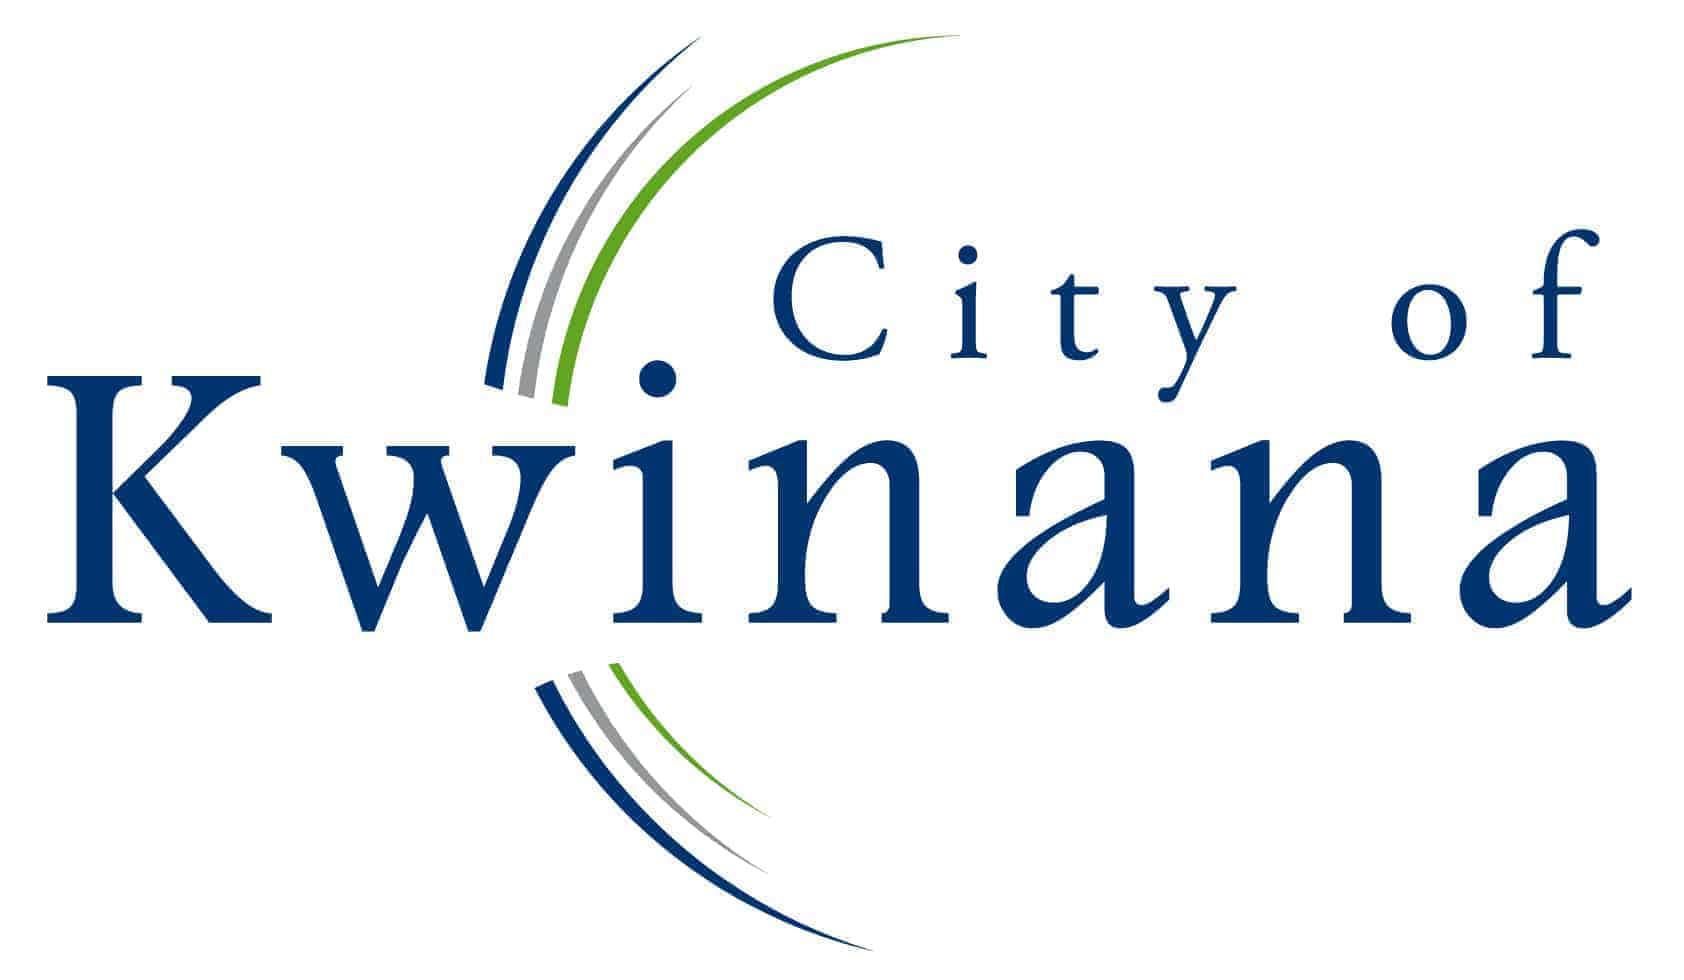 City-of-Kwinana